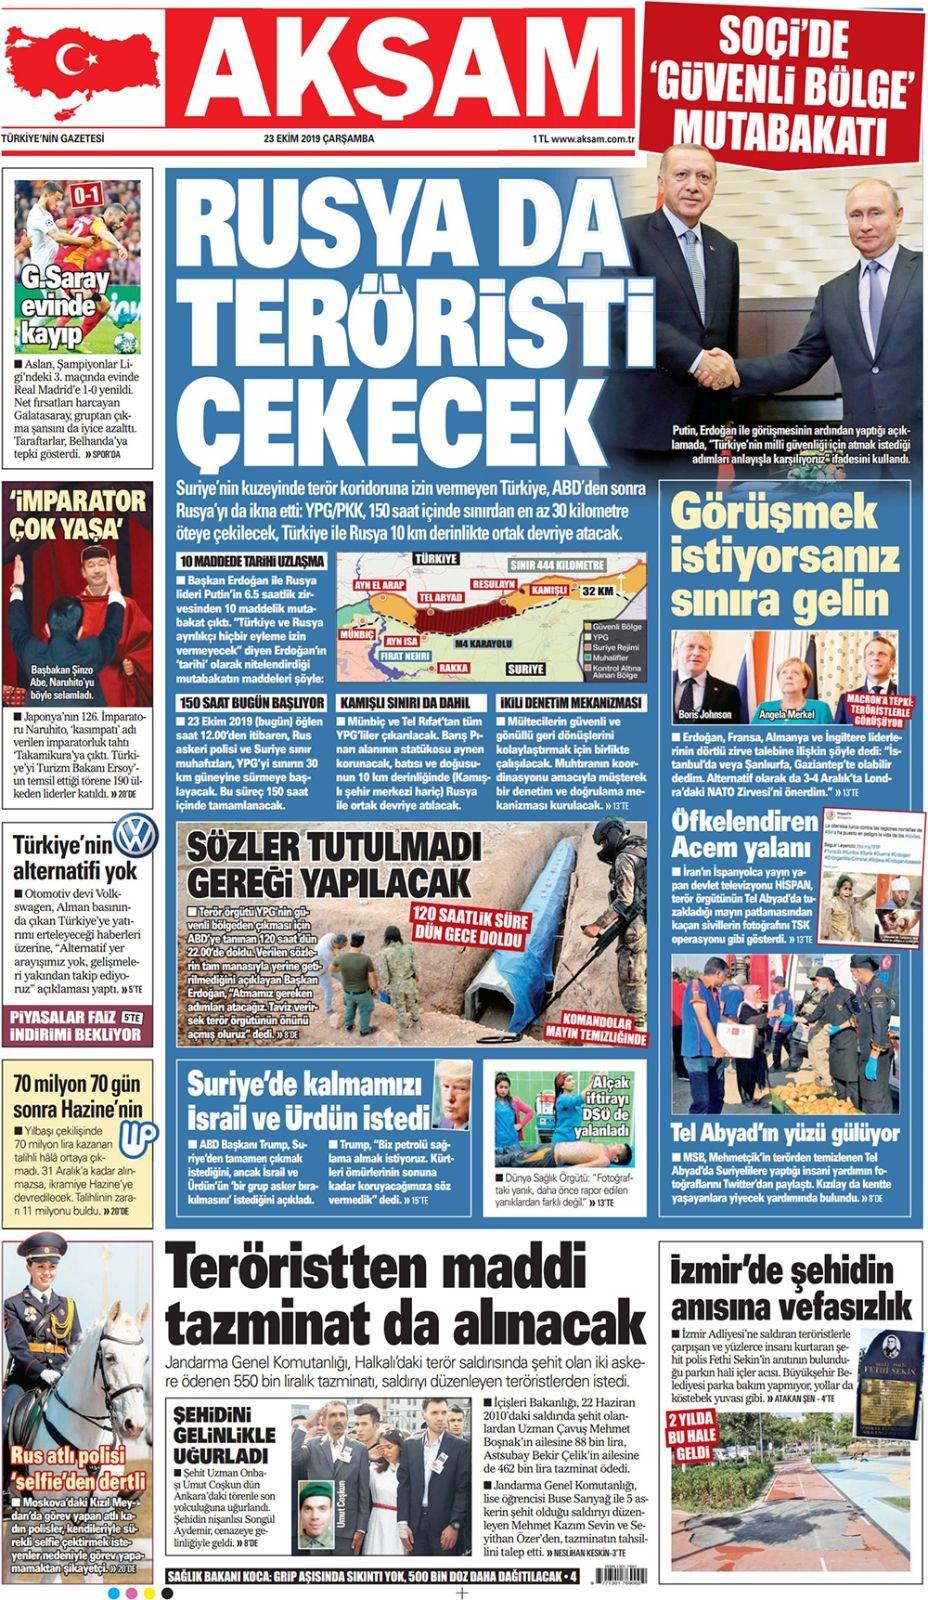 Türkiye - Rusya mutabakatı manşetlerde